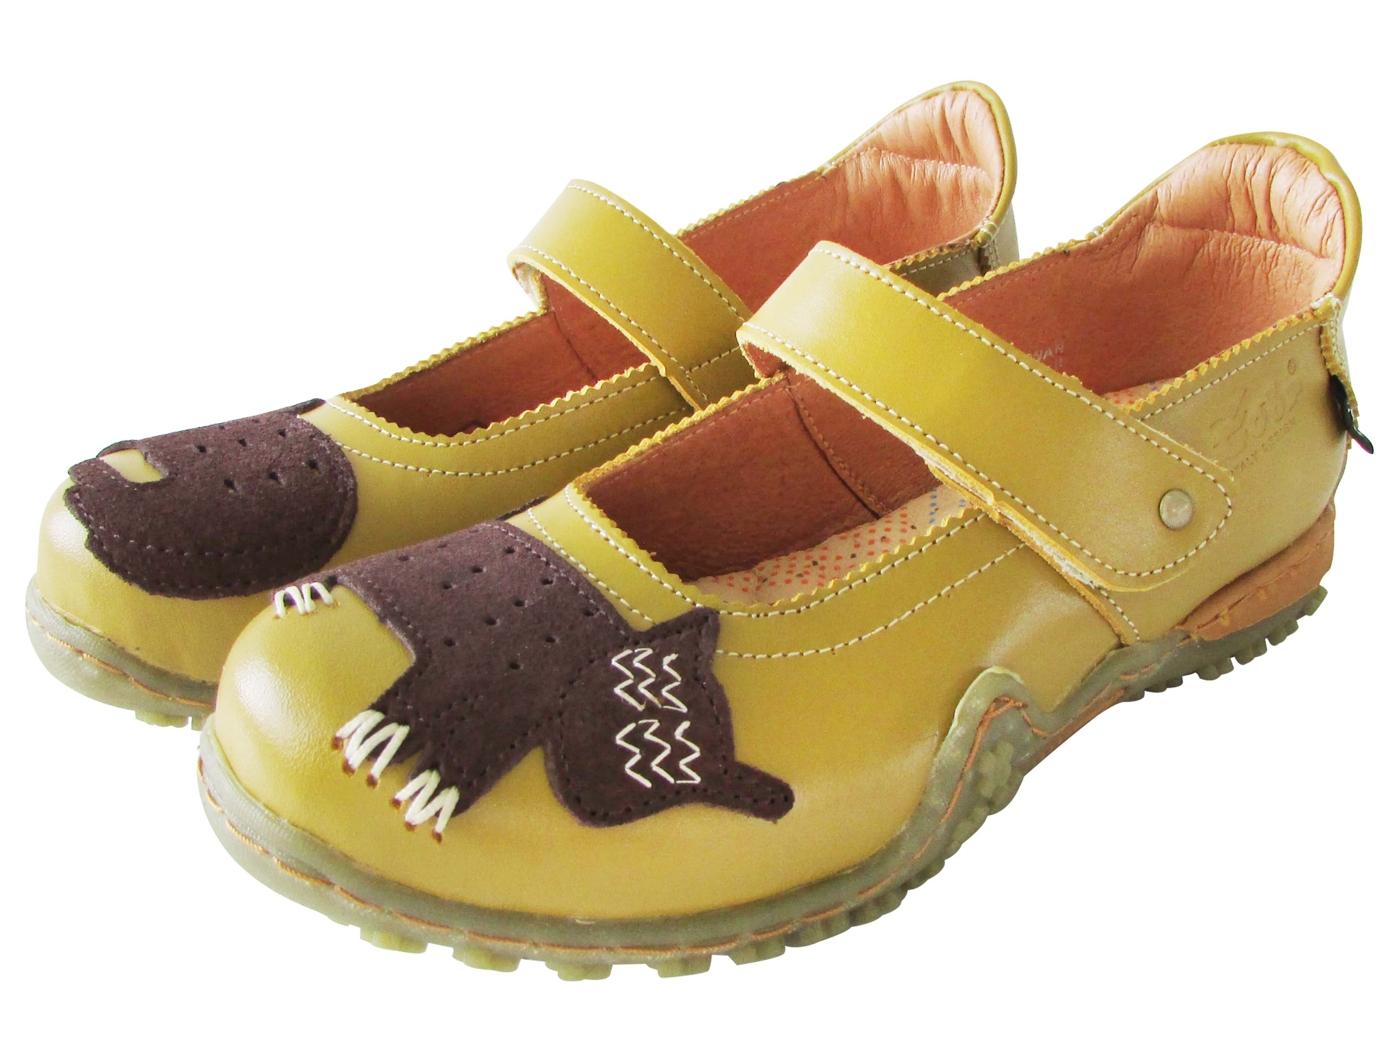 雙惠鞋櫃路豹Zobr兩隻貓咪女牛皮休閒鞋台灣製造B202黃